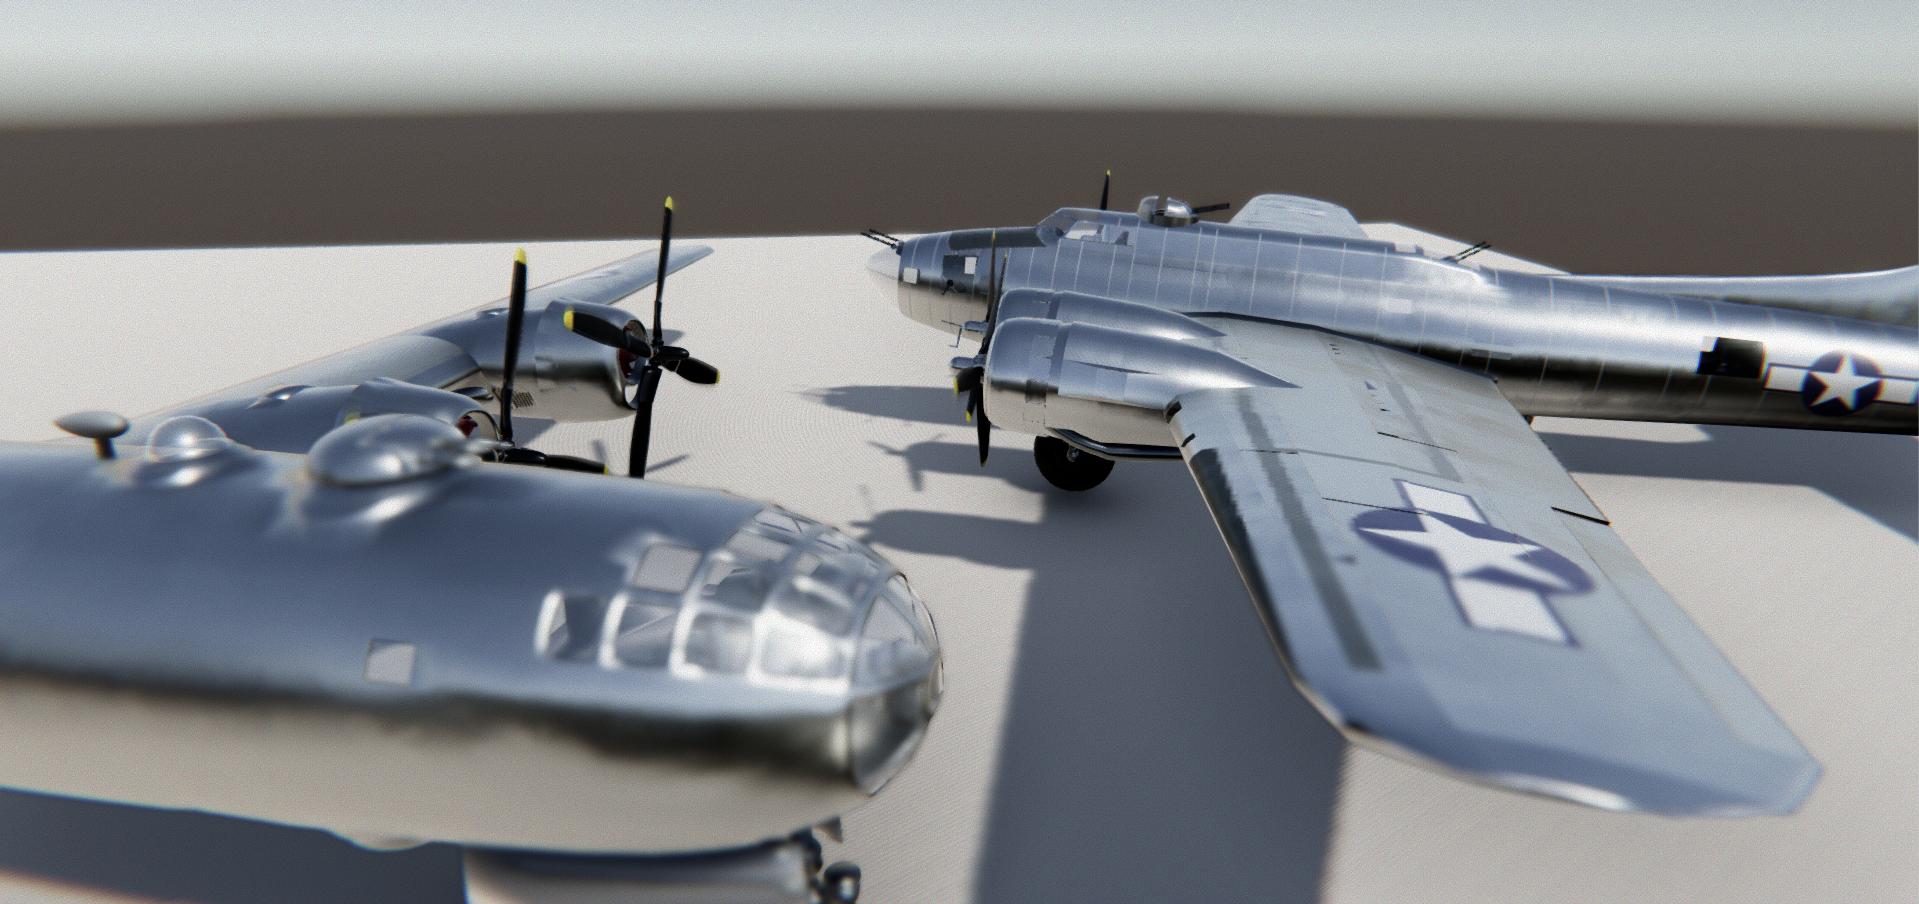 B-19 and B-24